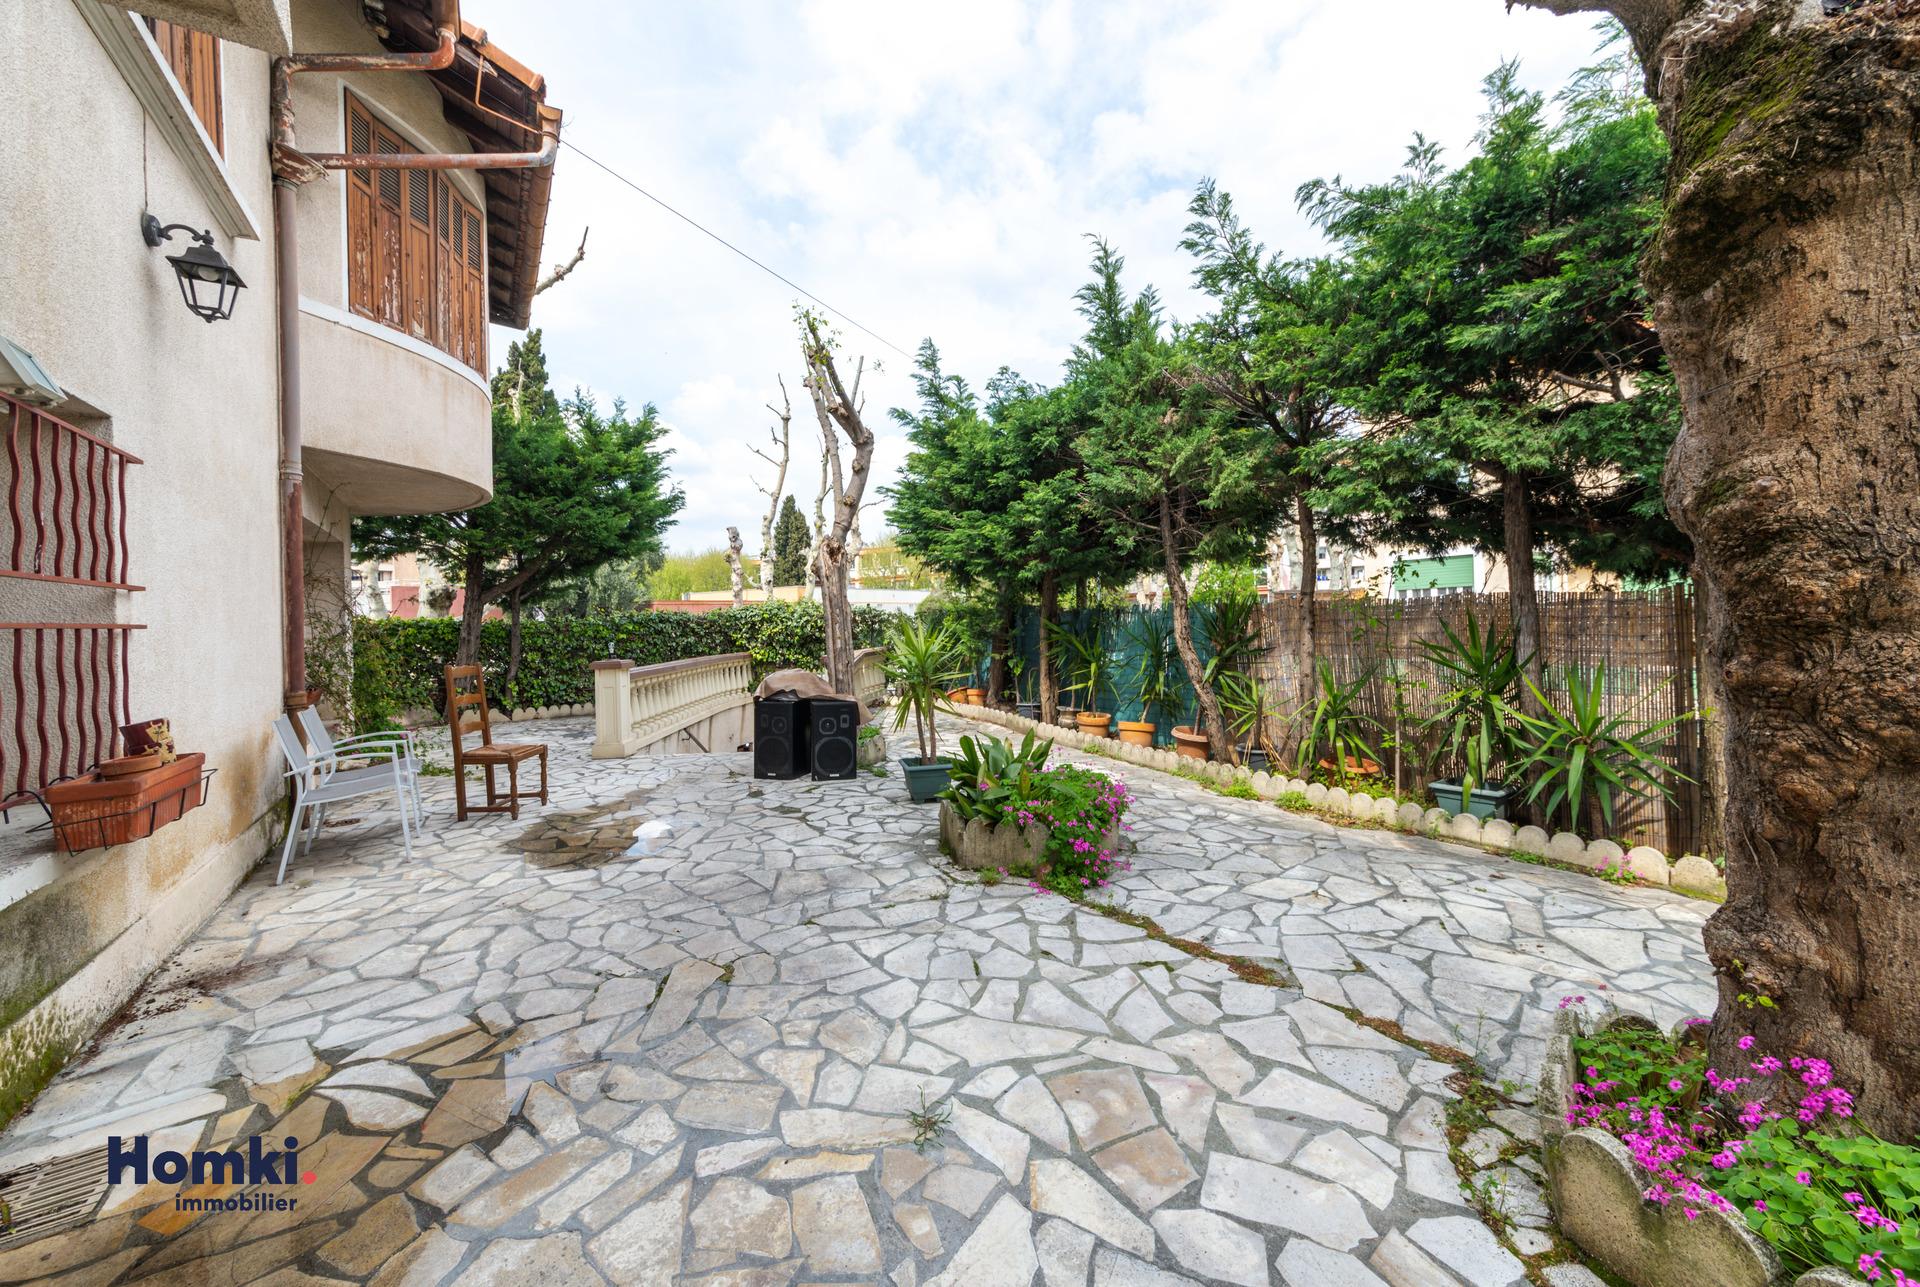 Vente maison 160m² T7 13013_1